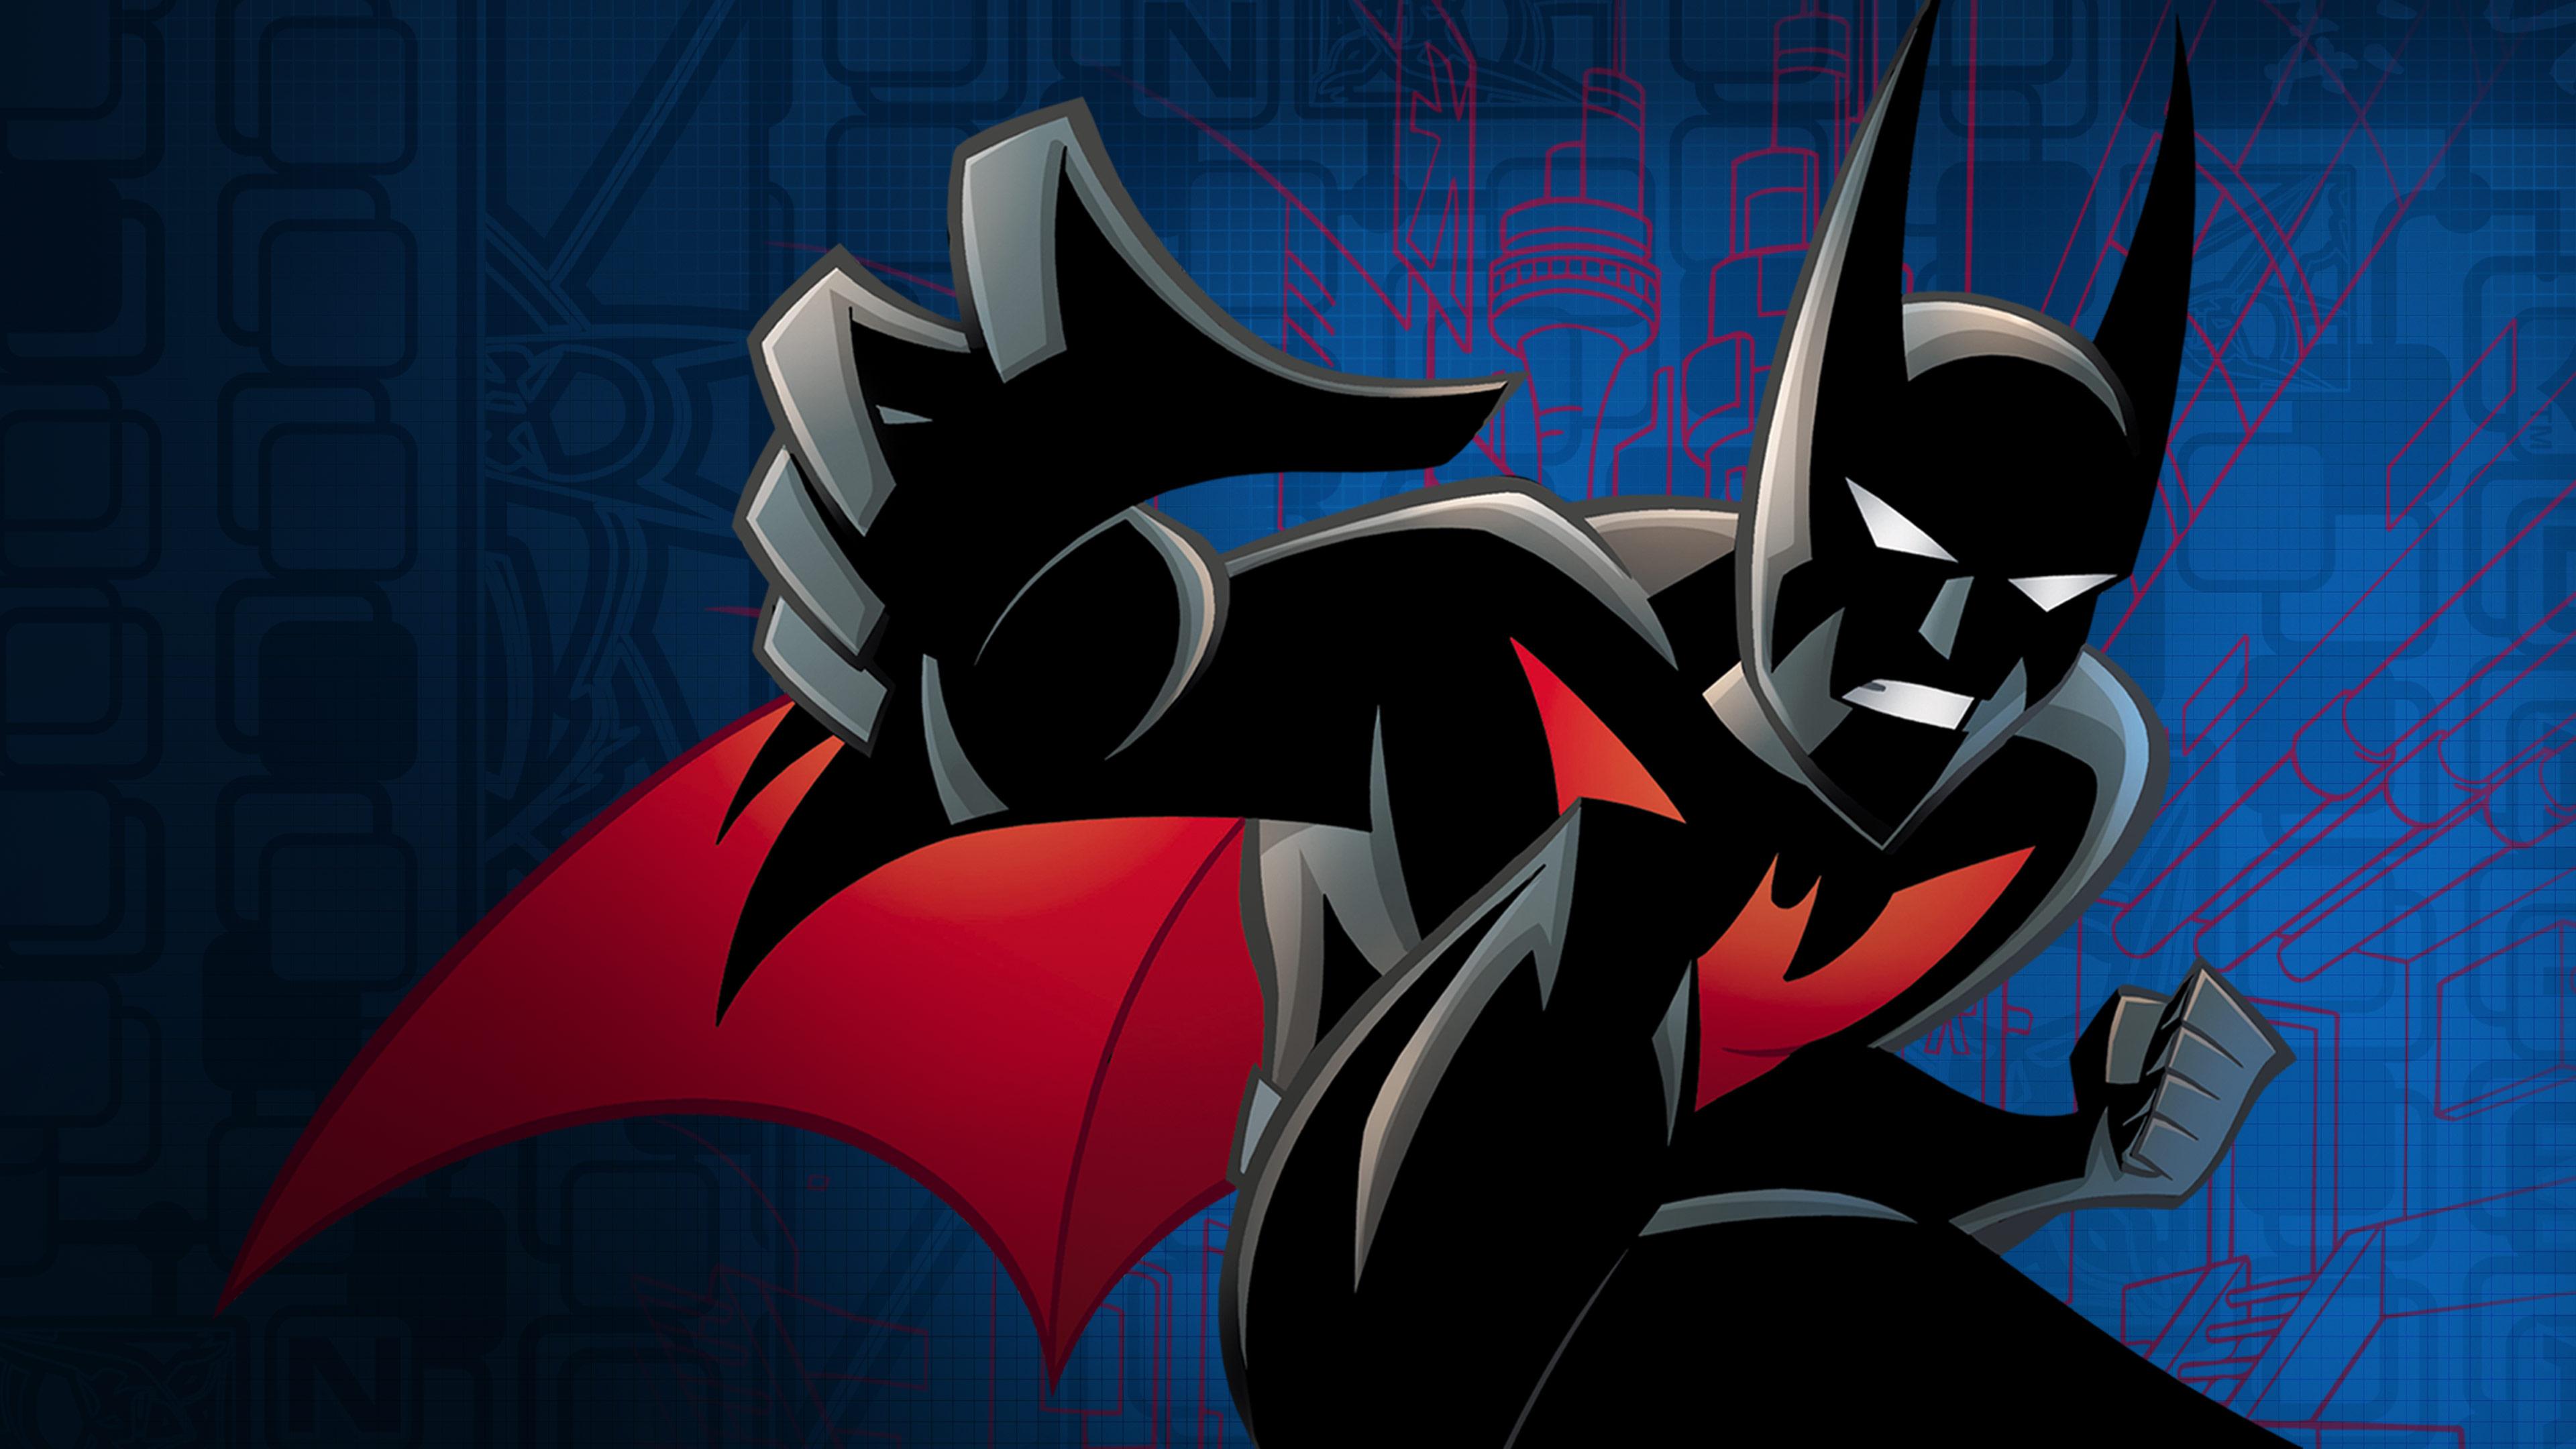 batmanbeyond-2heroes-hero-020619-v1-hero-r.jpg